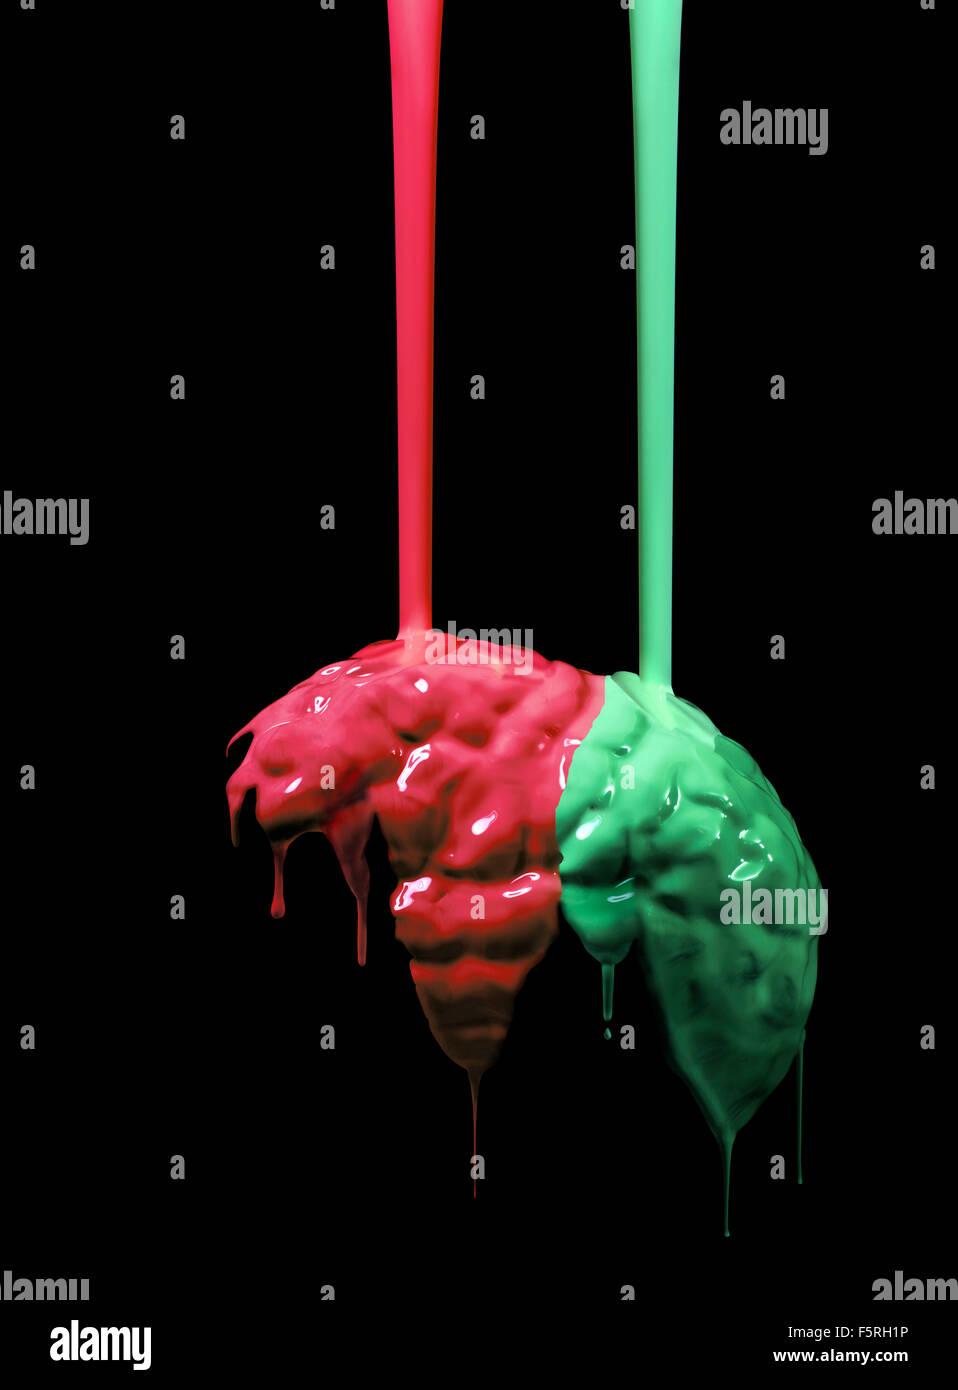 Foto de estudio de pintura roja y verde se vierte sobre un modelo de cerebro humano Imagen De Stock